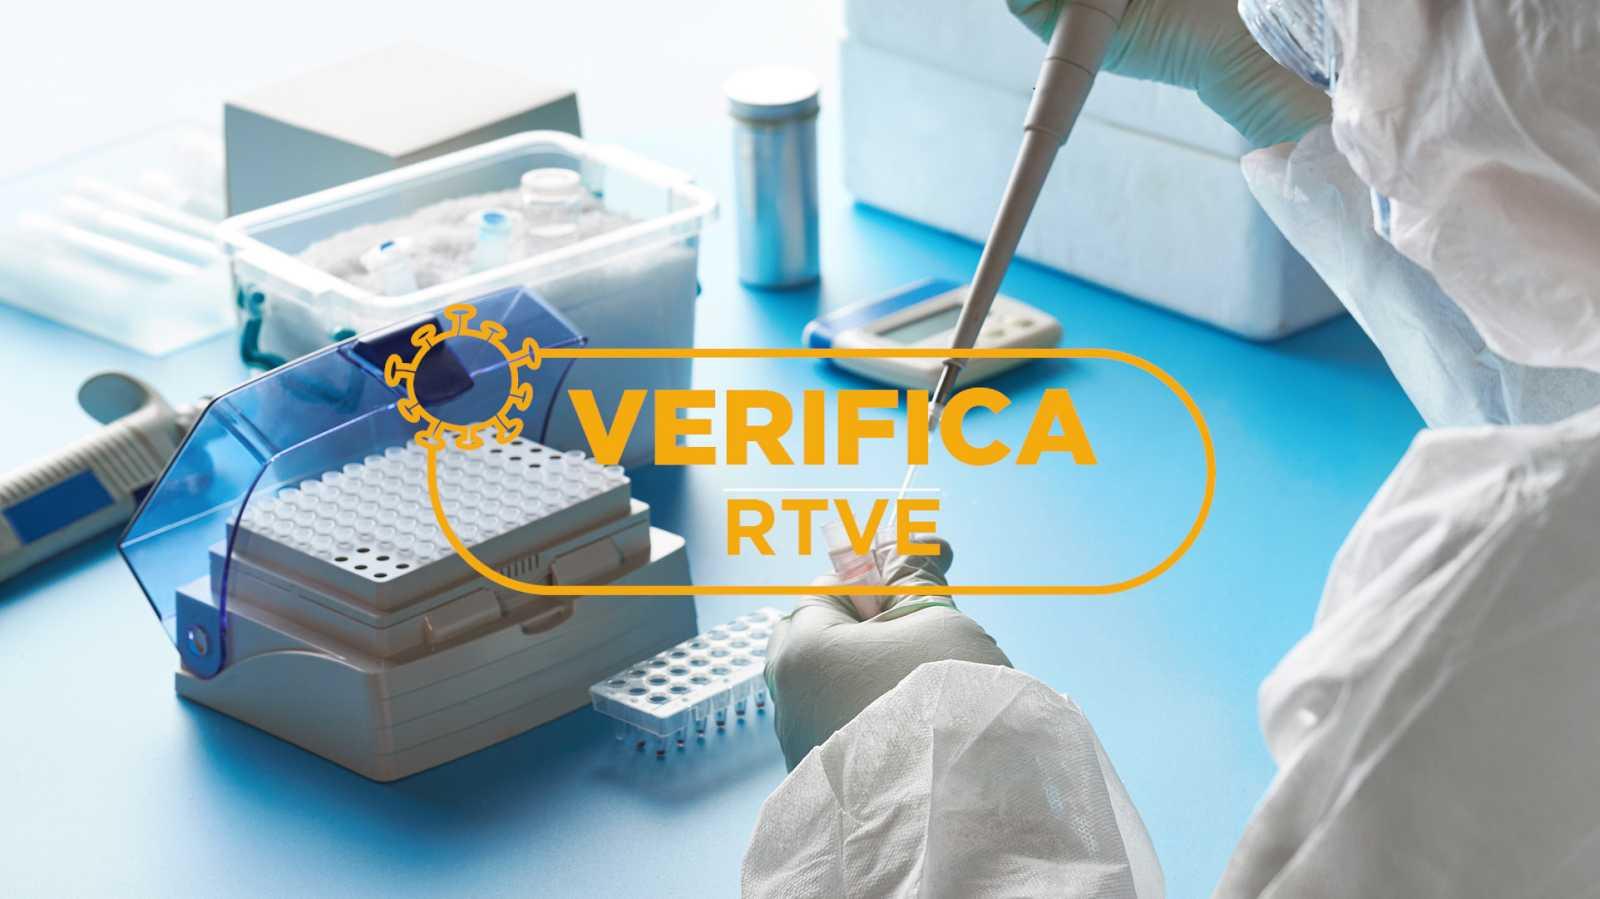 Verifica RTVE, una unidad de verificación para luchar contra la infodemia